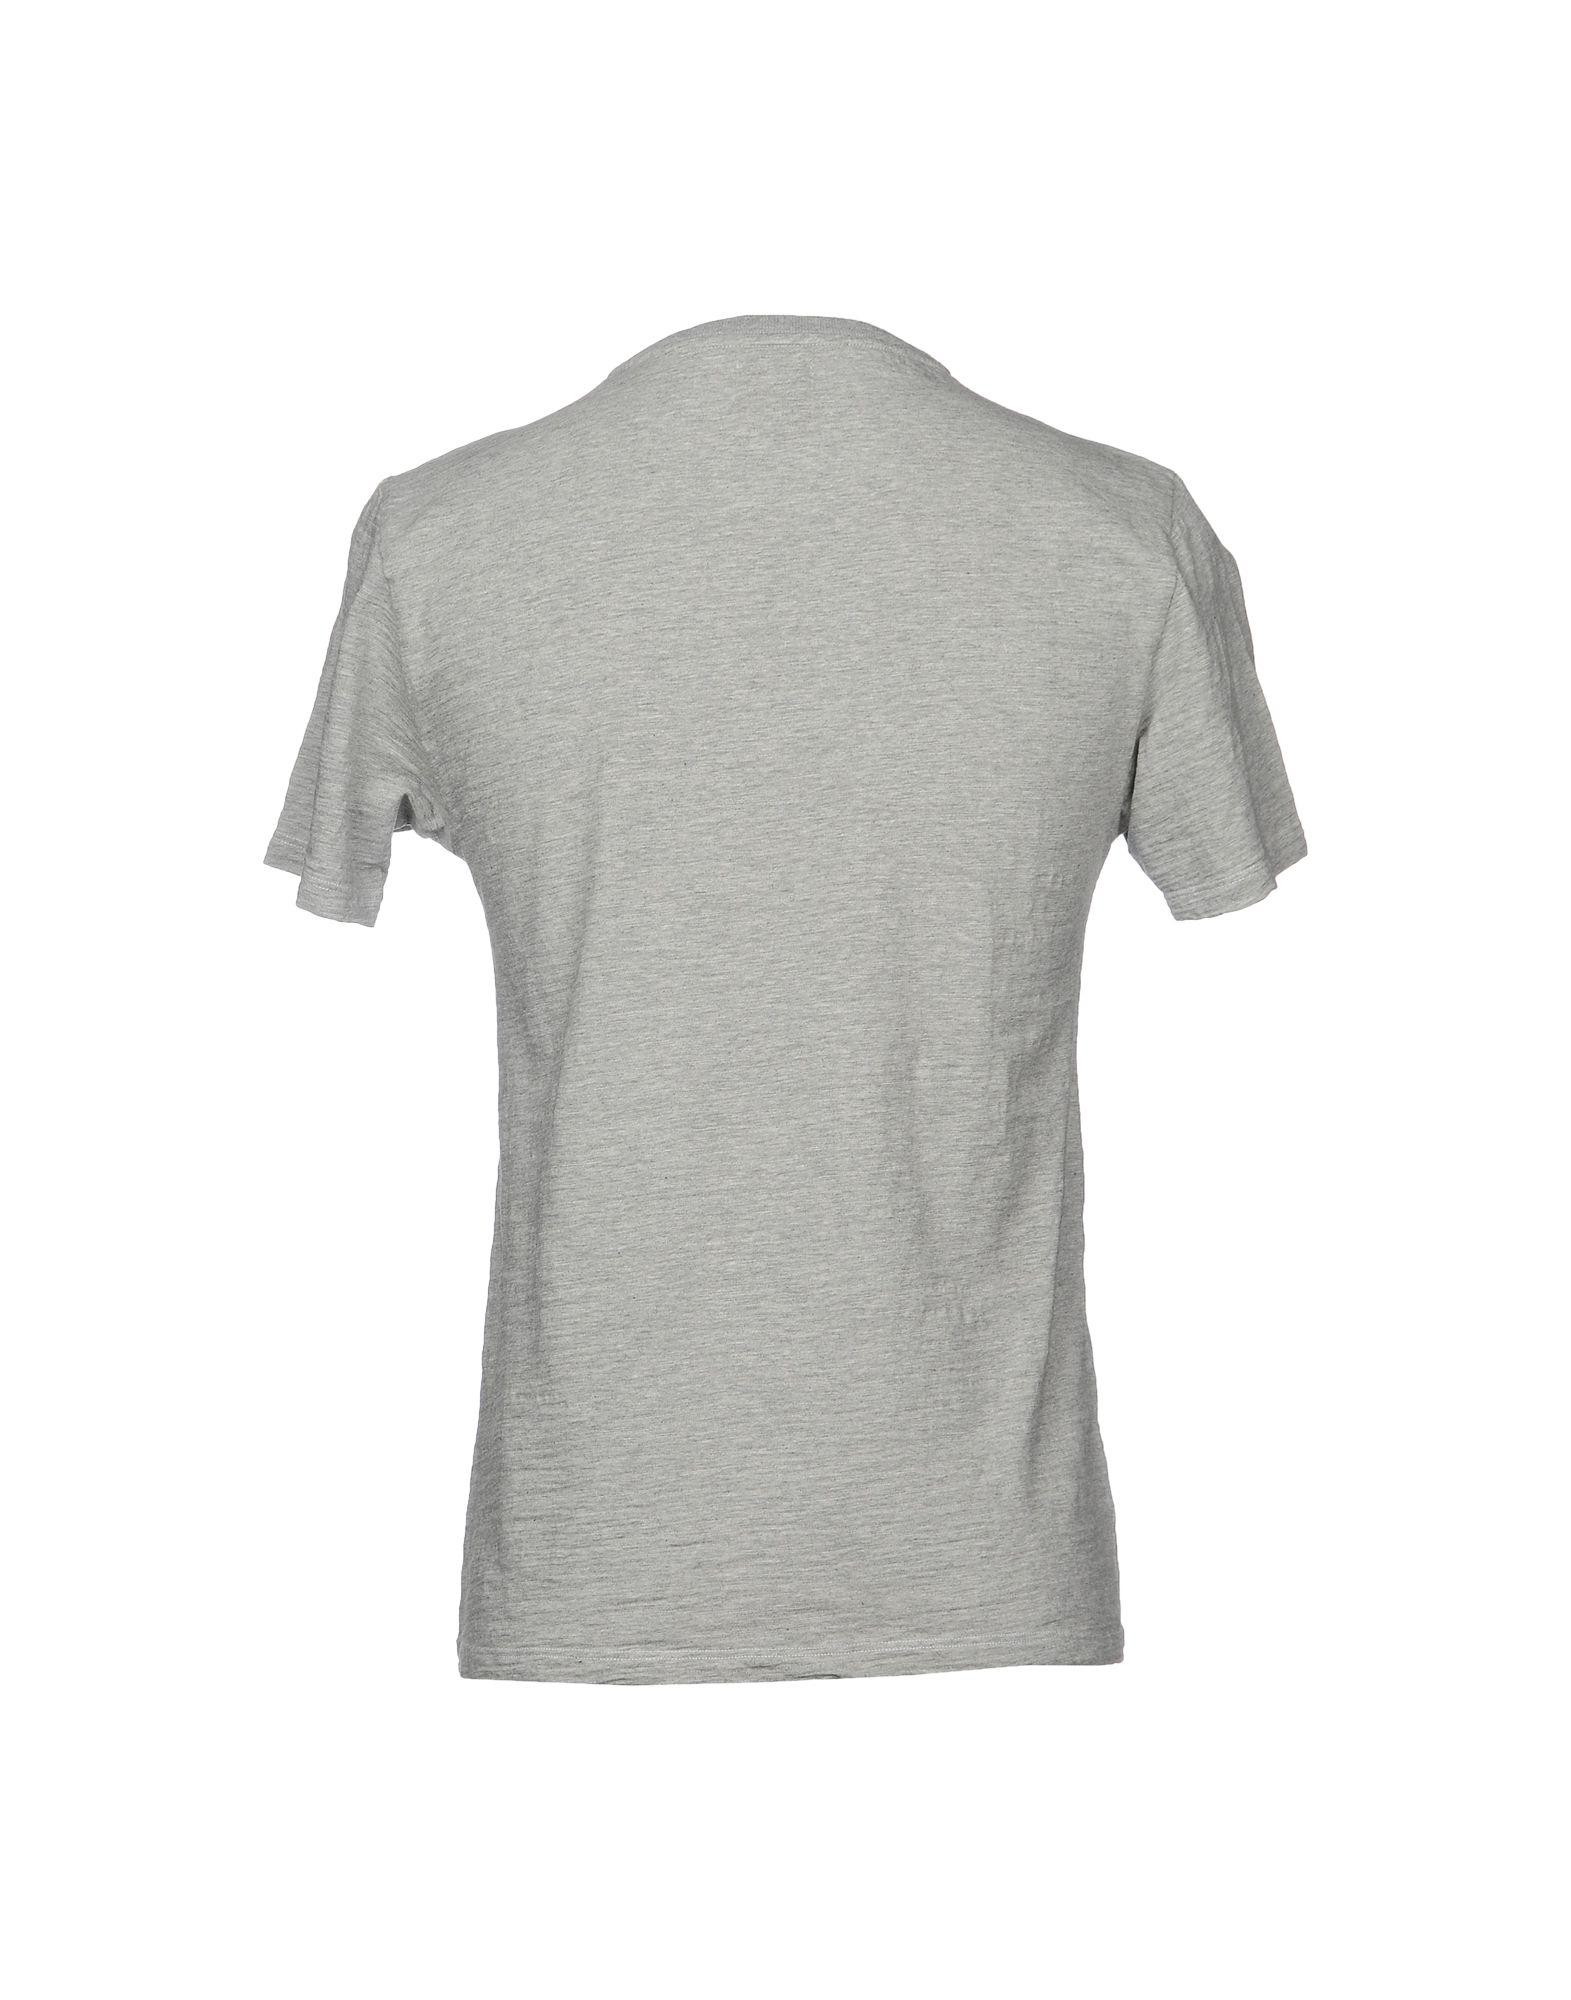 T-Shirt Vintage 55 55 55 Uomo - 12116640MS f0b7e1